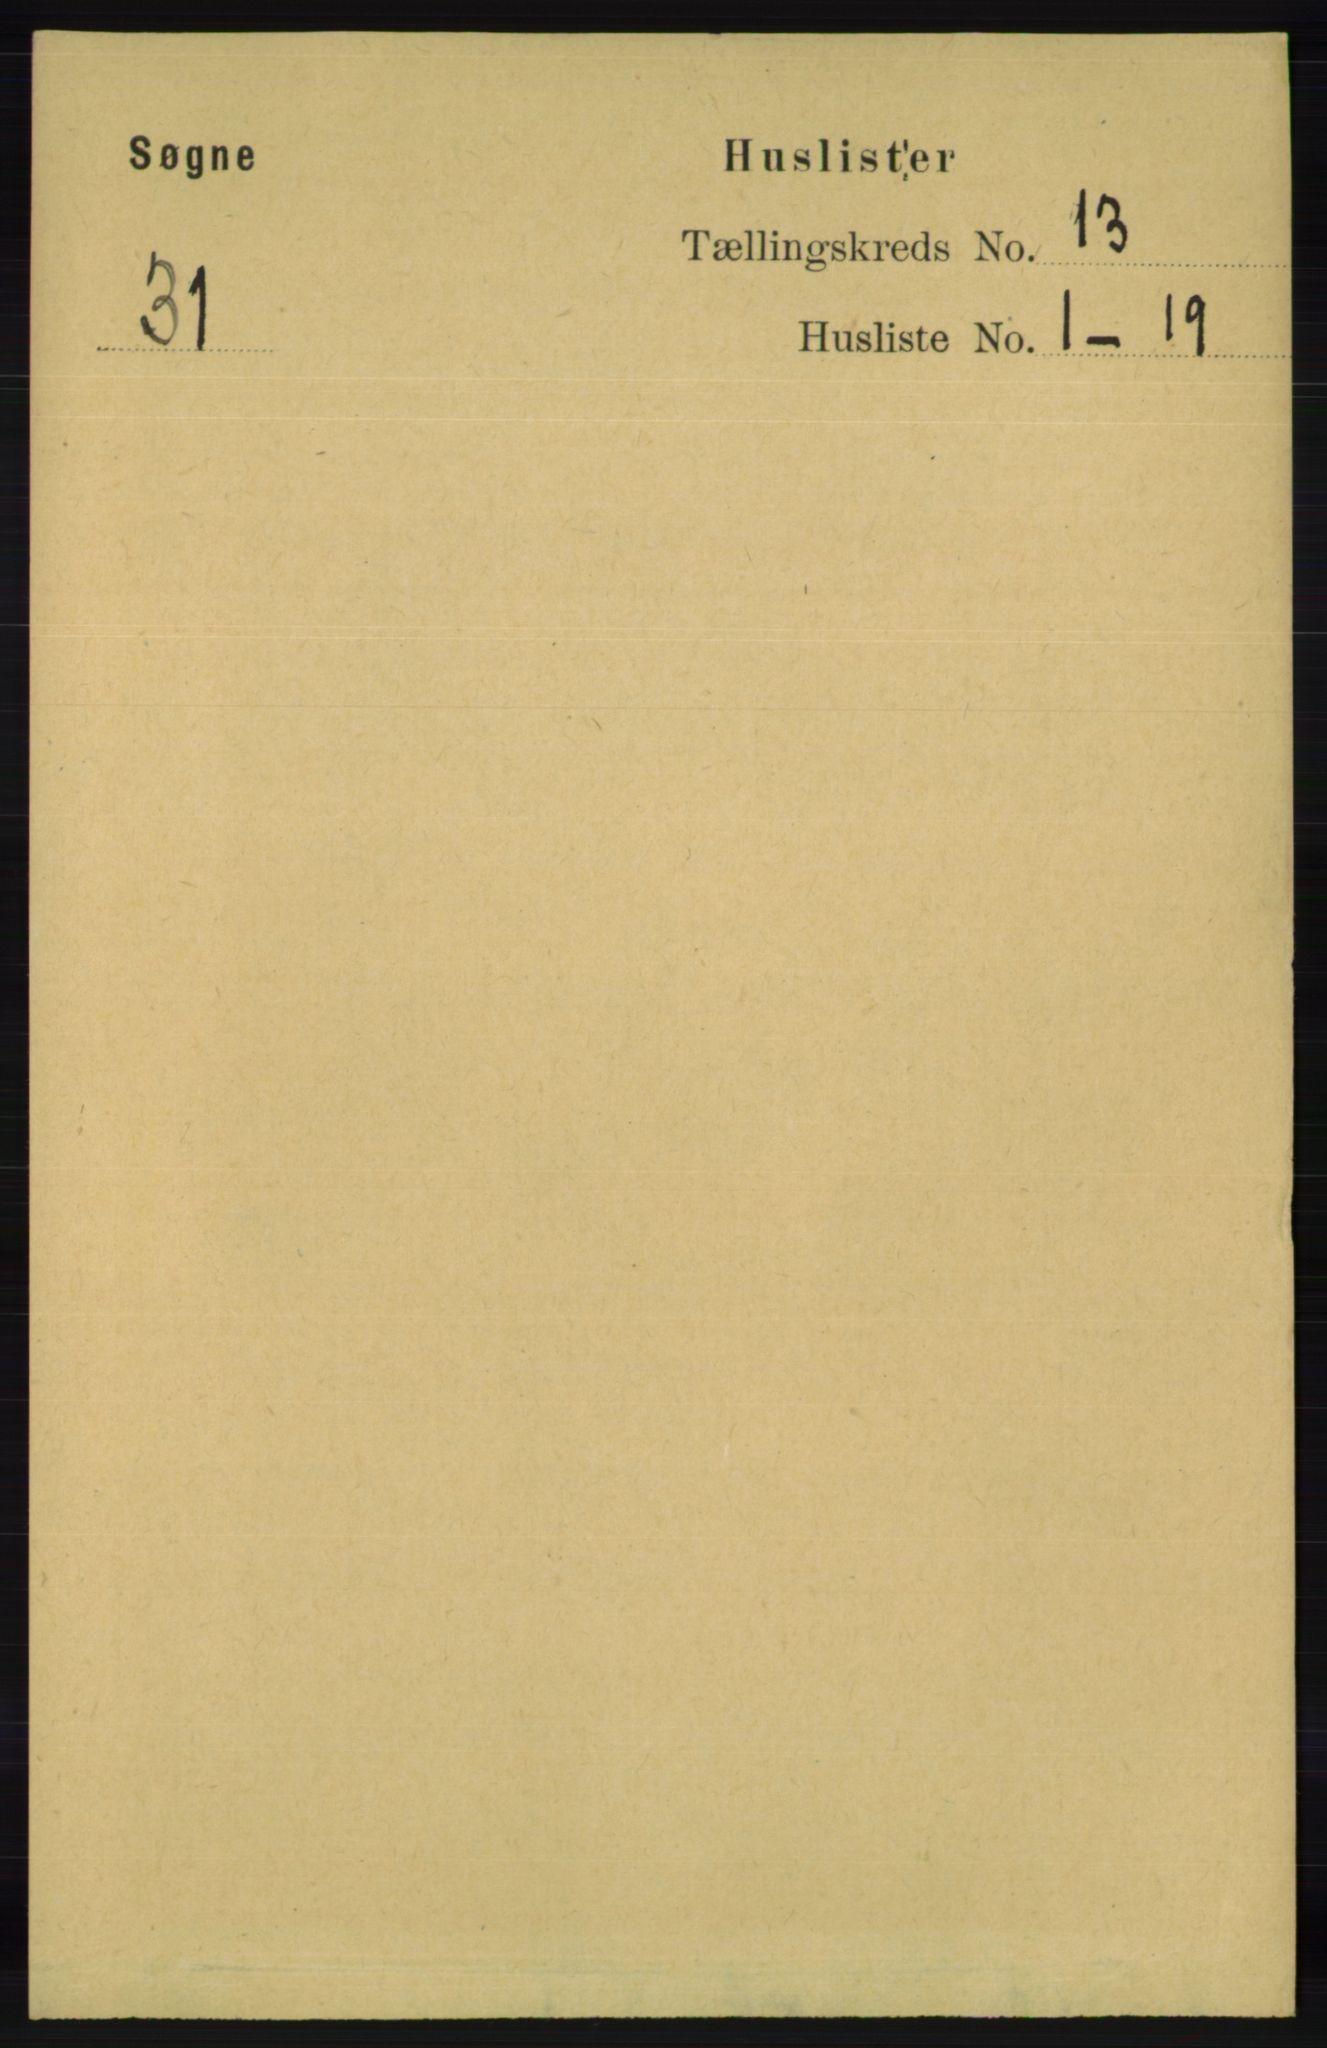 RA, Folketelling 1891 for 1018 Søgne herred, 1891, s. 3190